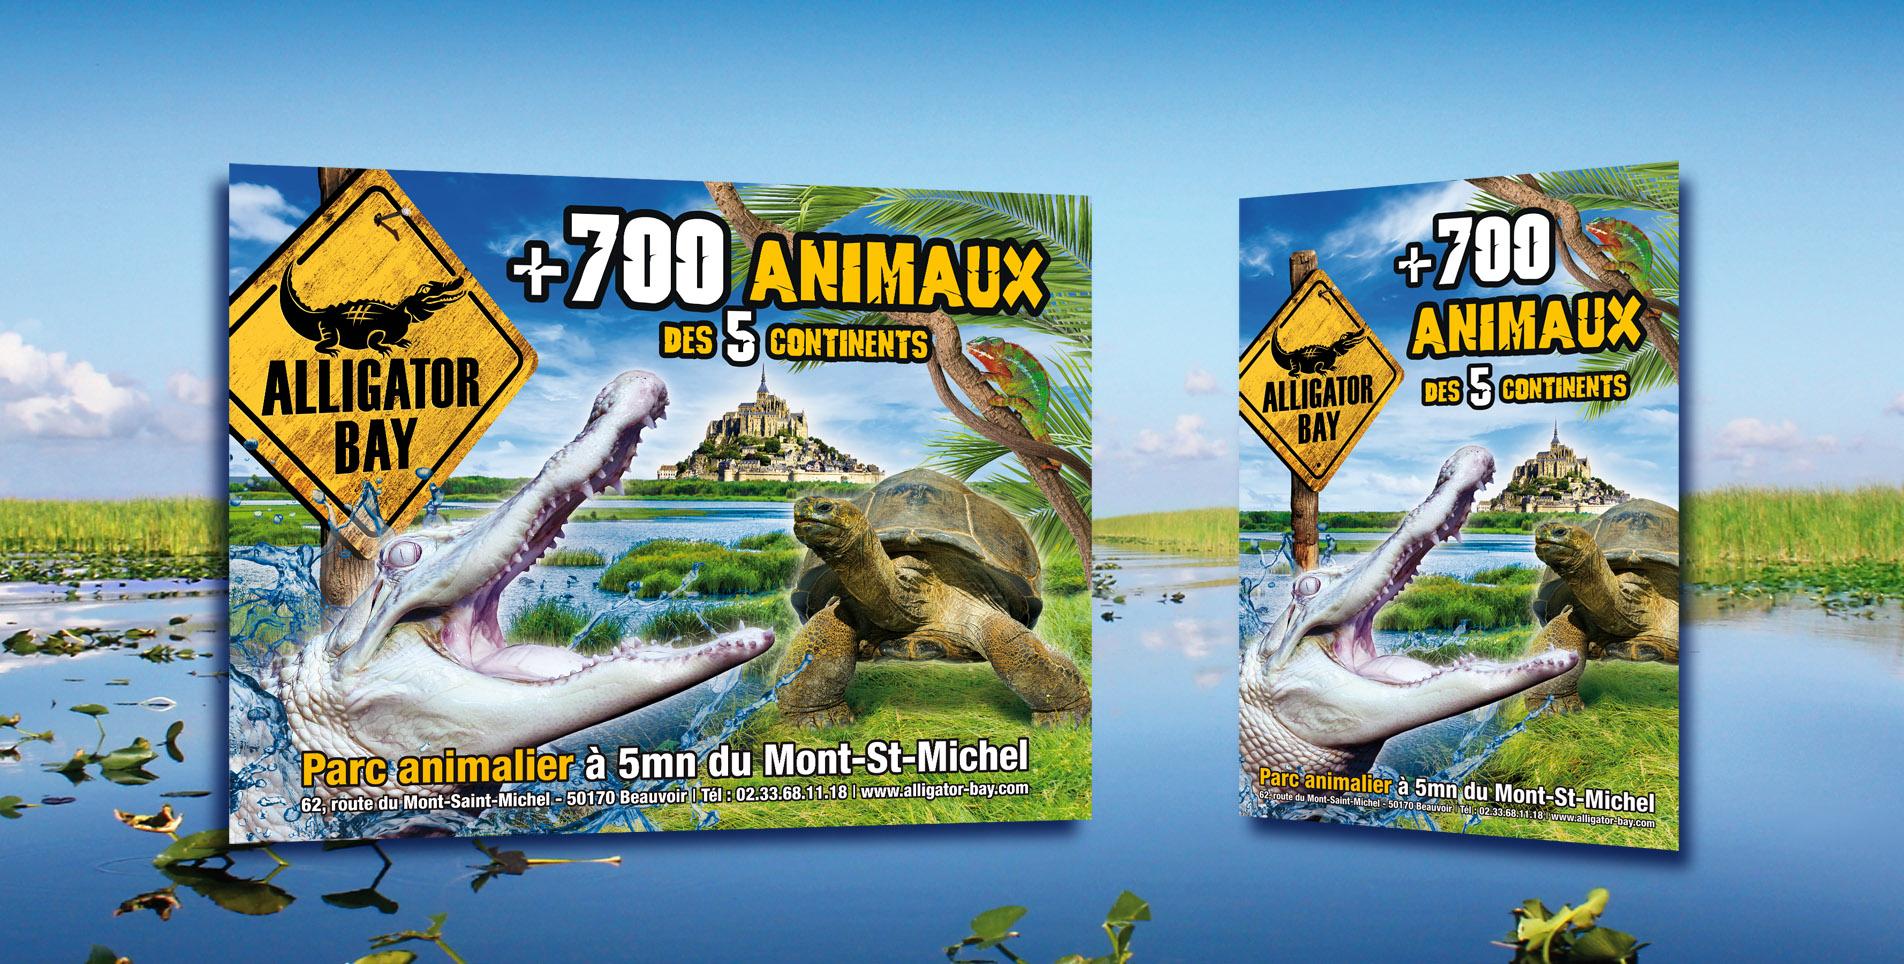 Alligator Bay – Reptilarium